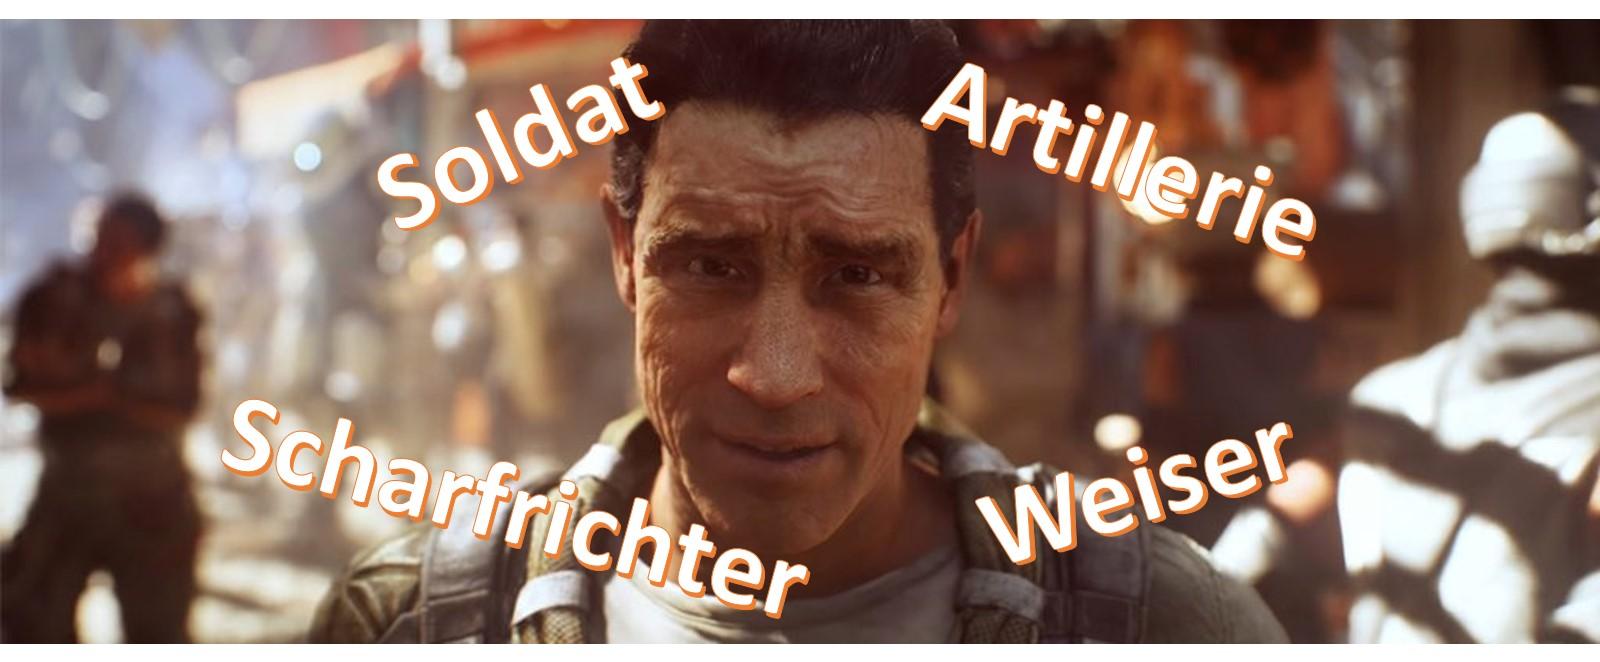 Alles zu Medaillen in Anthem: Soldat, Weiser, Artillerie, Scharfrichter